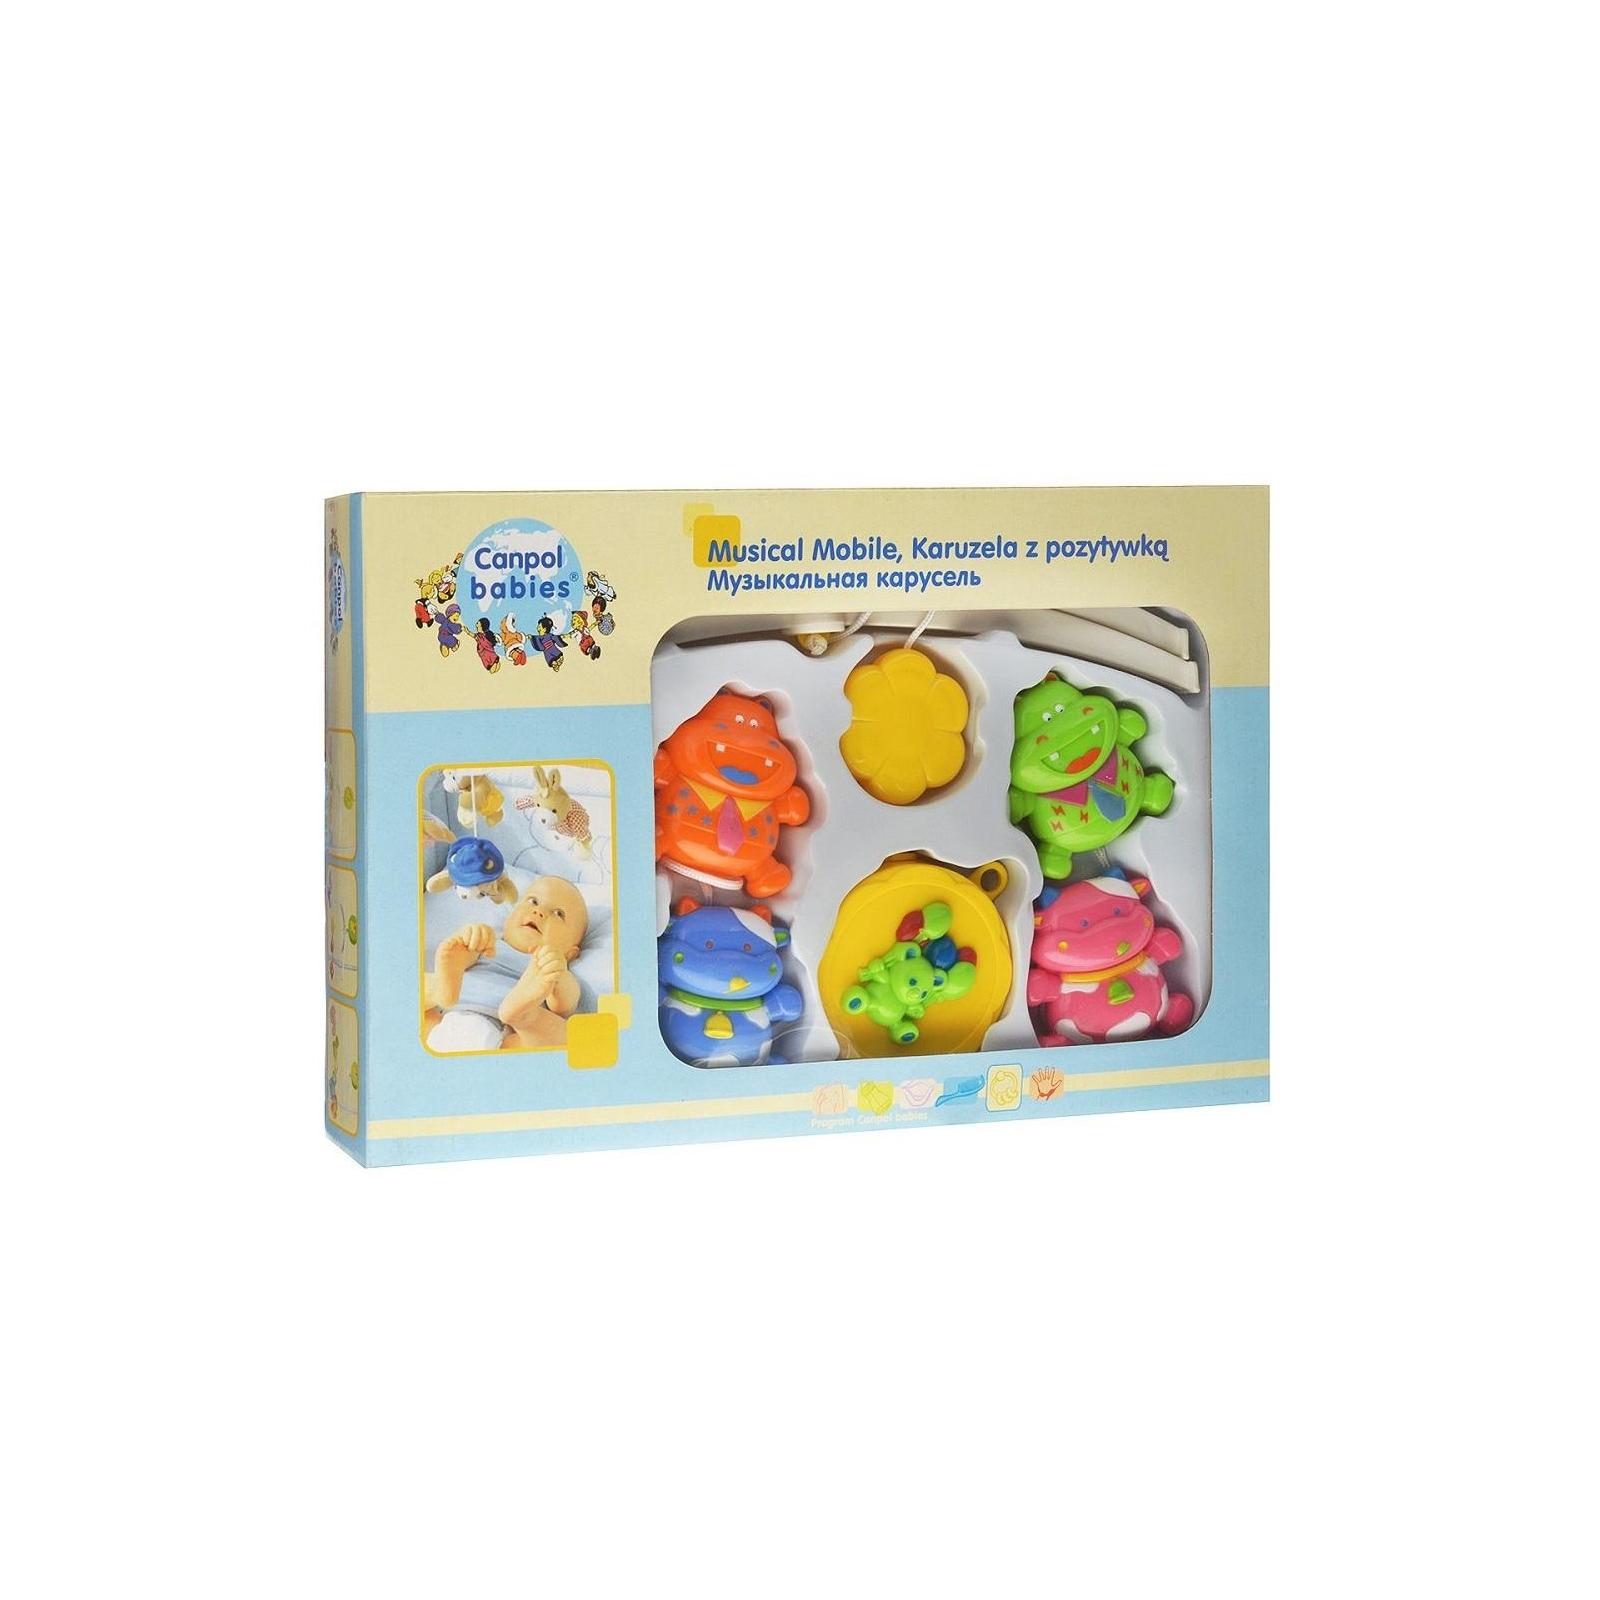 Мобиль Canpol babies Коровки и бегемотик (2/516) изображение 4